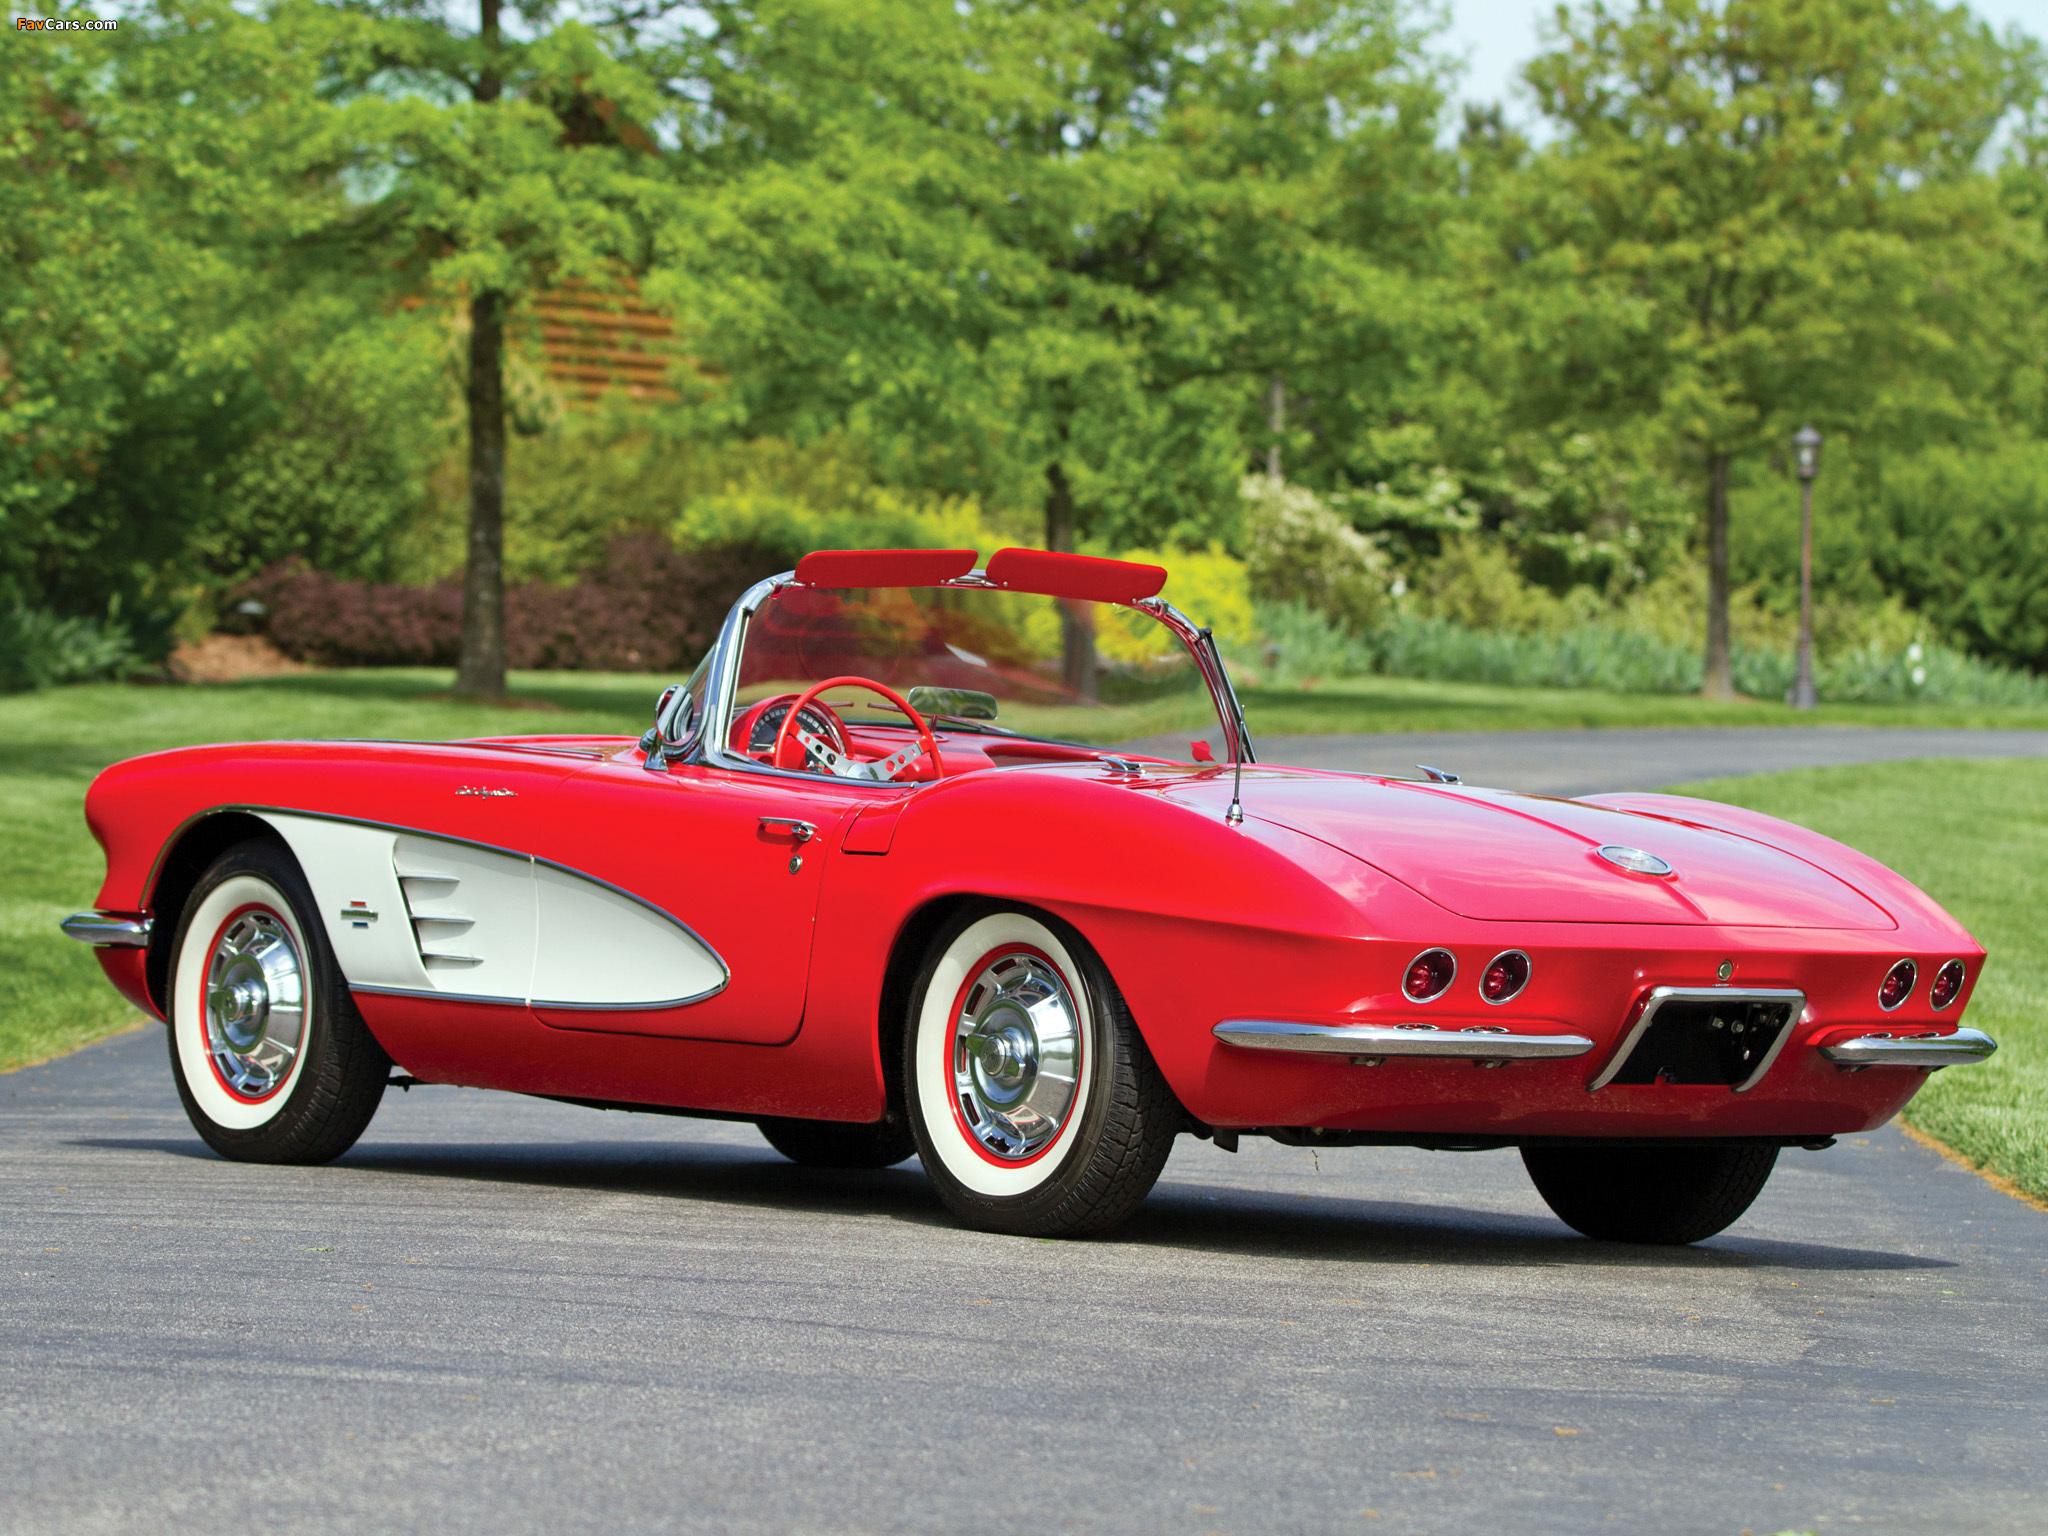 Corvette C1 Fuel Injection 1961 images (2048 x 1536)